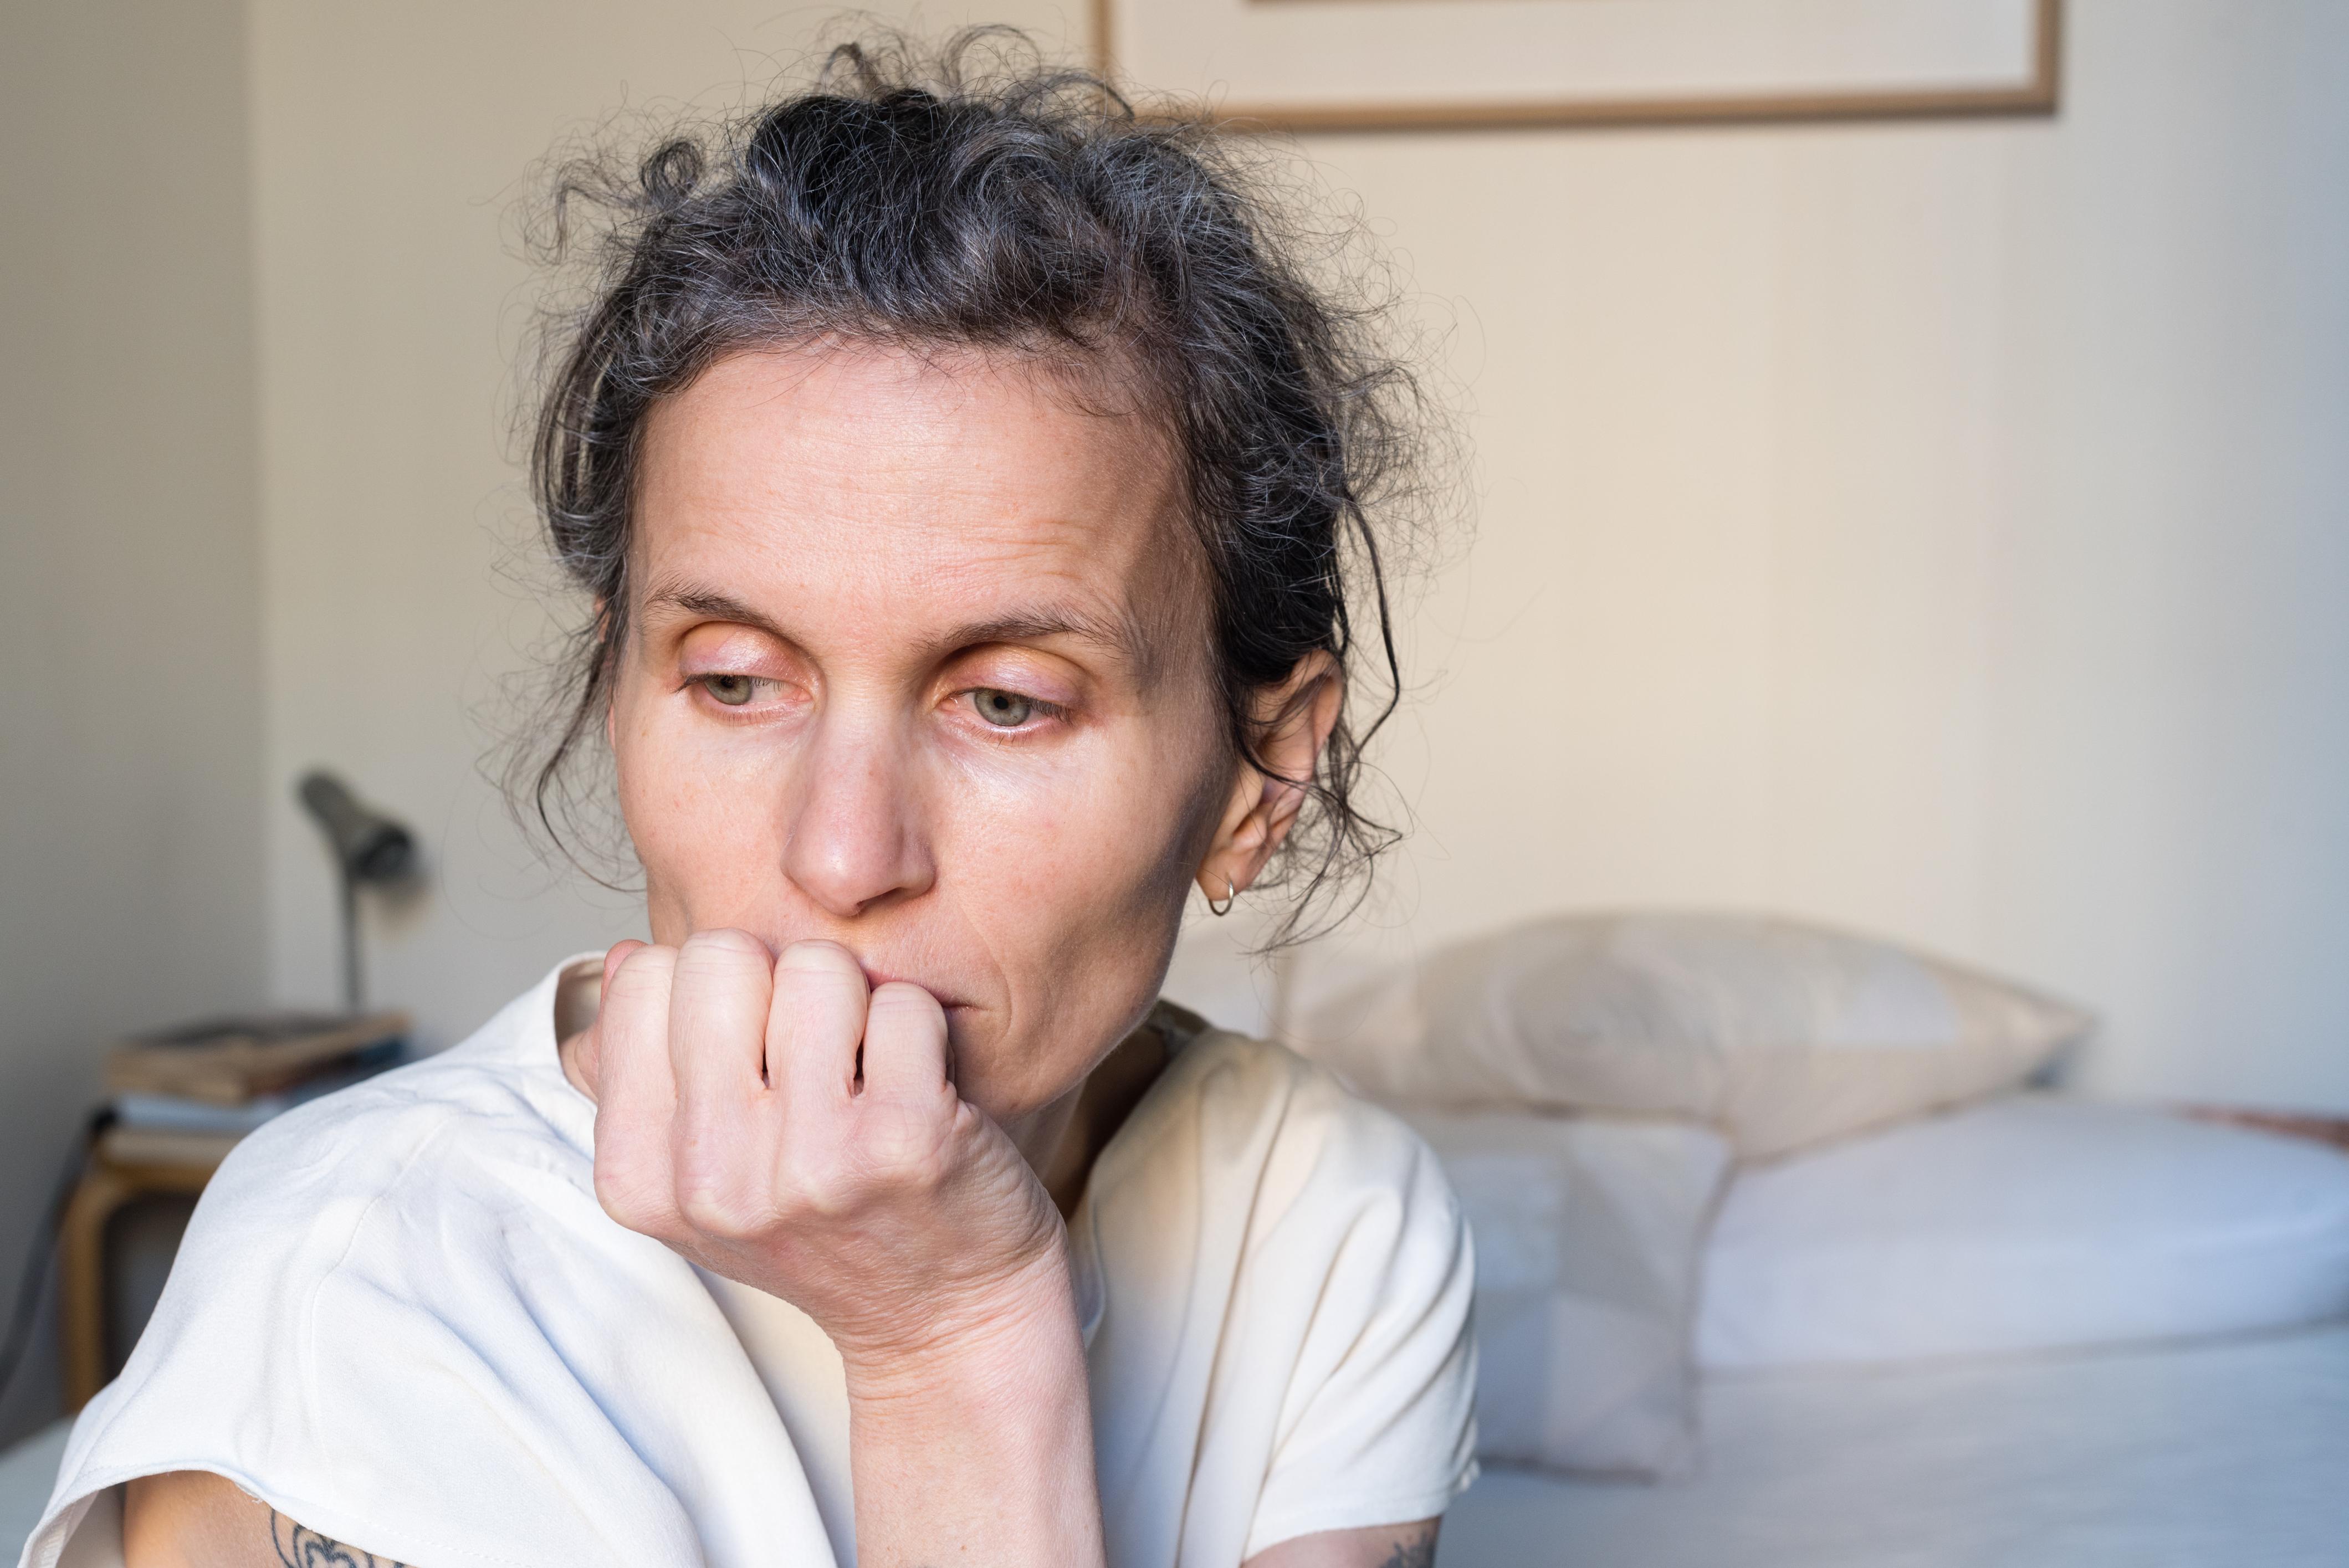 Hälsoriskerna vid ofrivillig ensamhet kan jämföras med att röka.